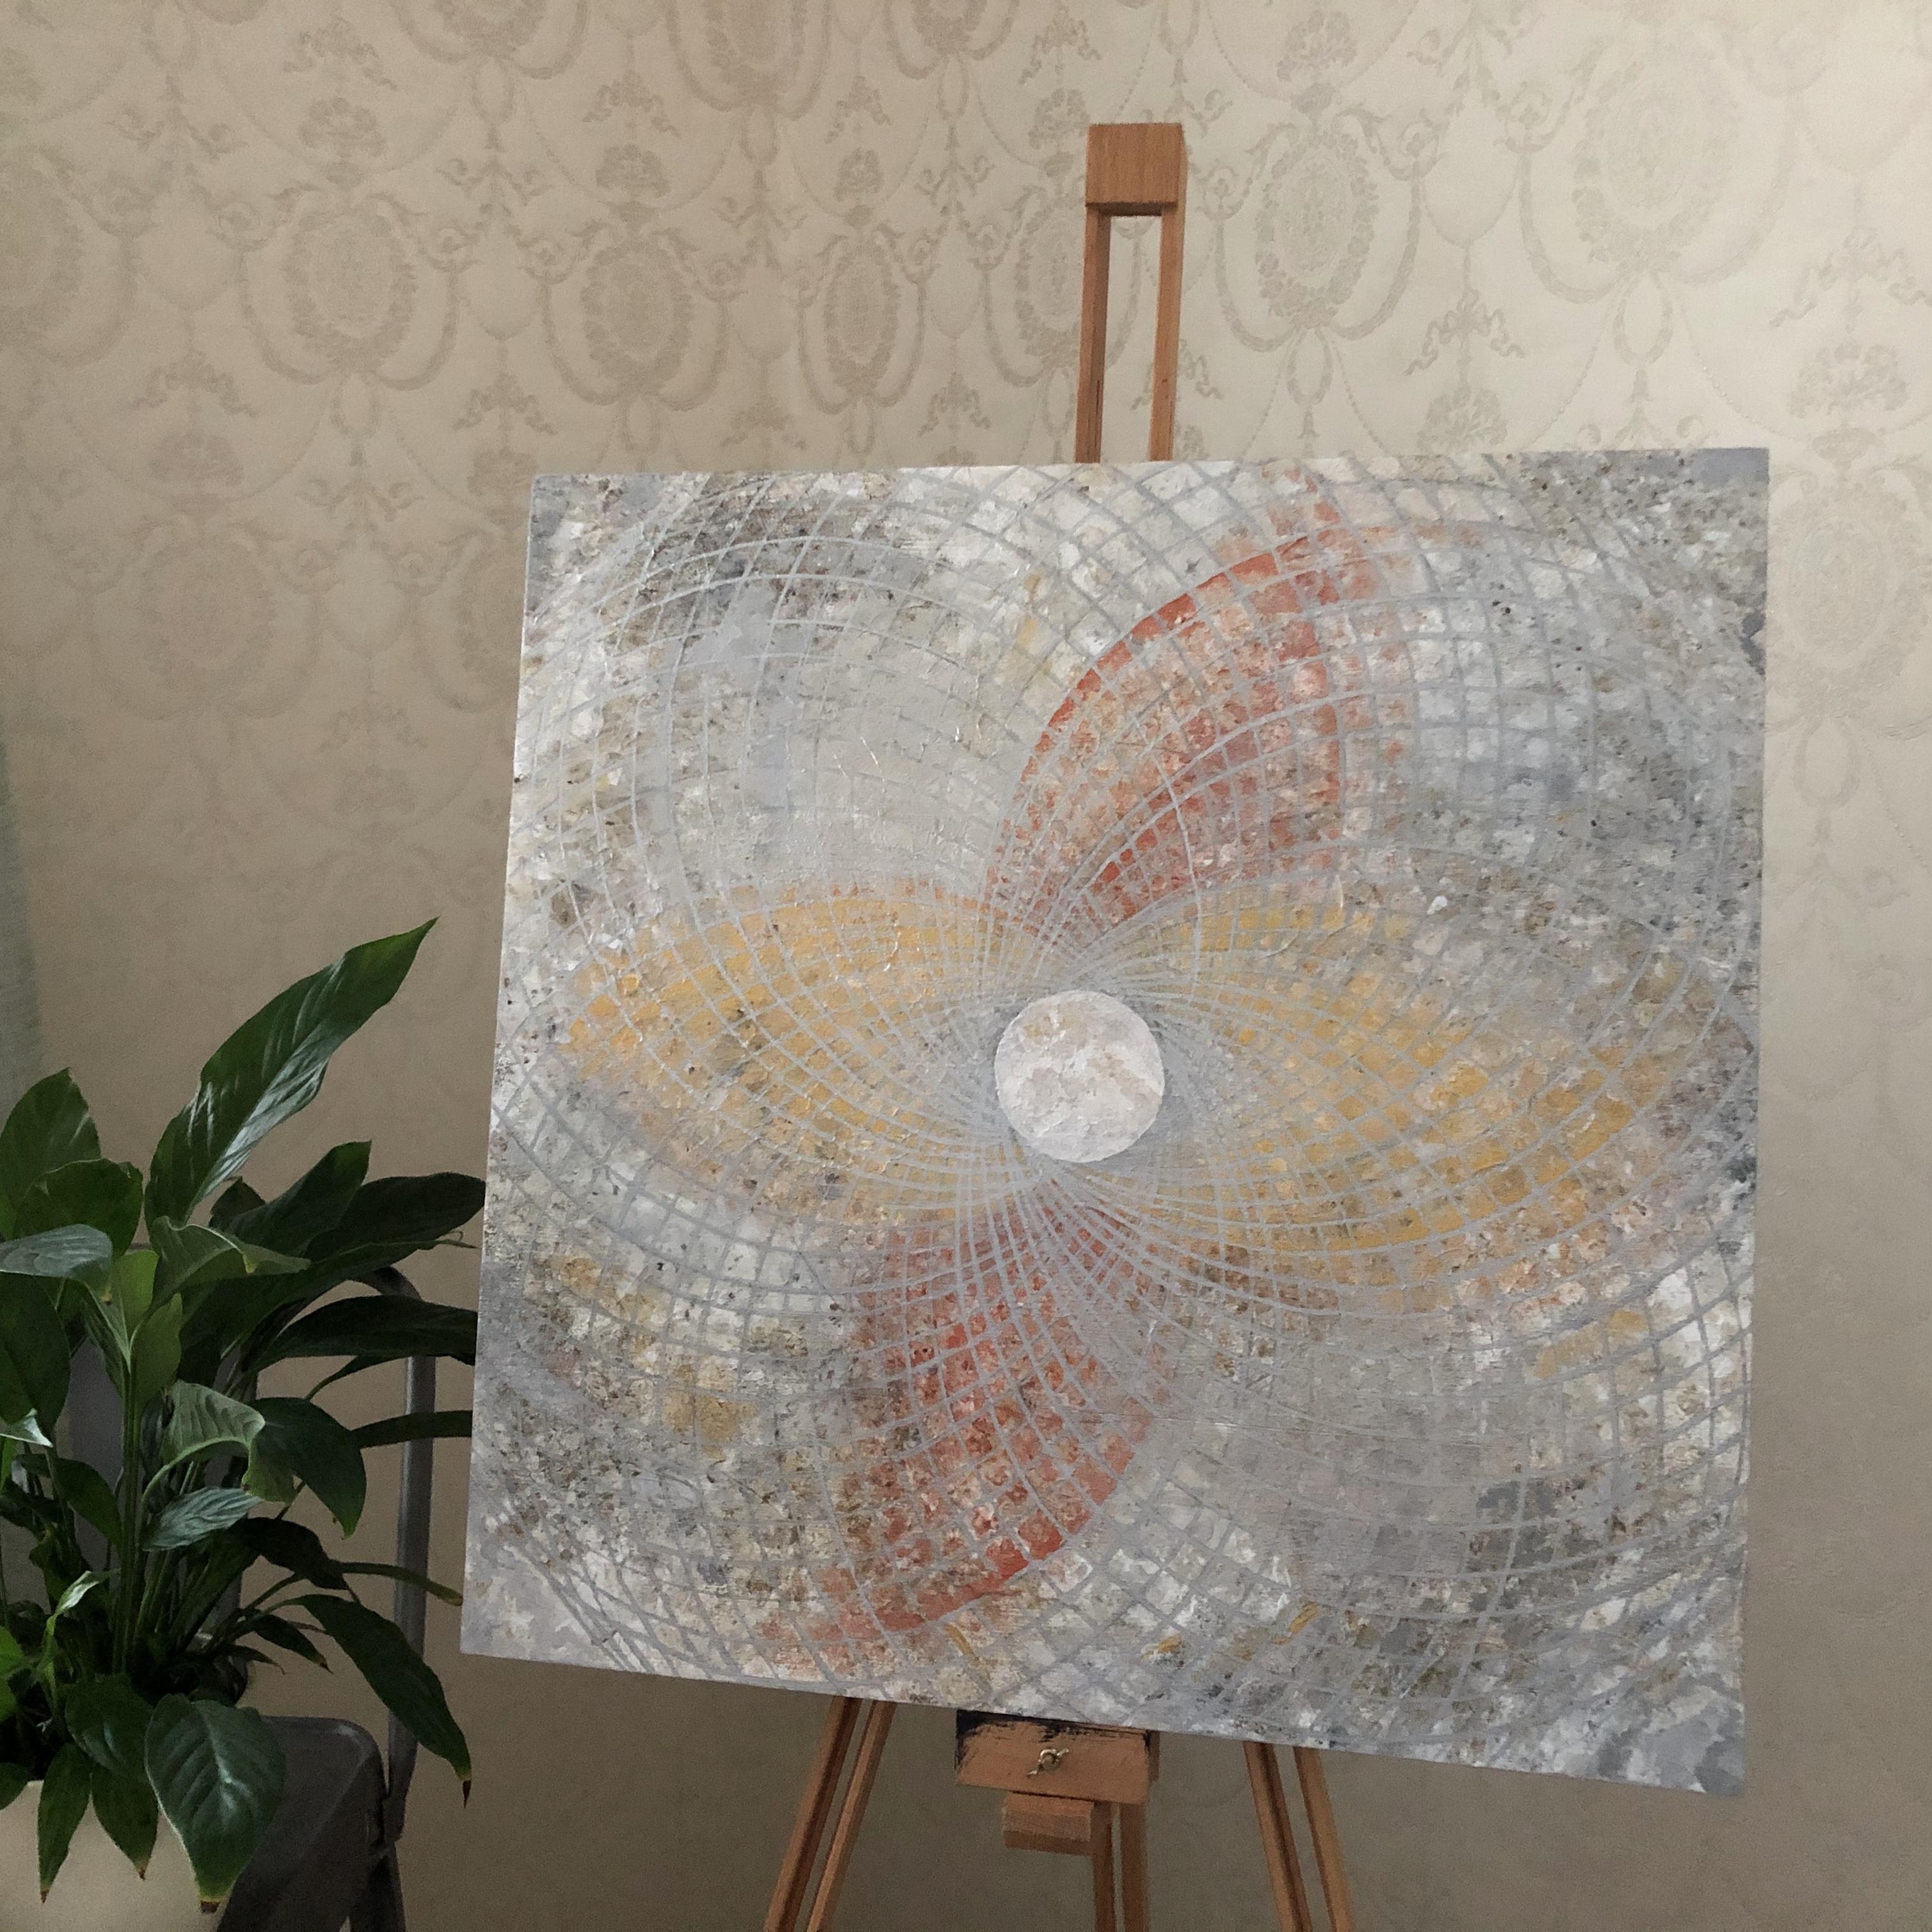 Pyhät geometriset taulut: Auringon synty 1